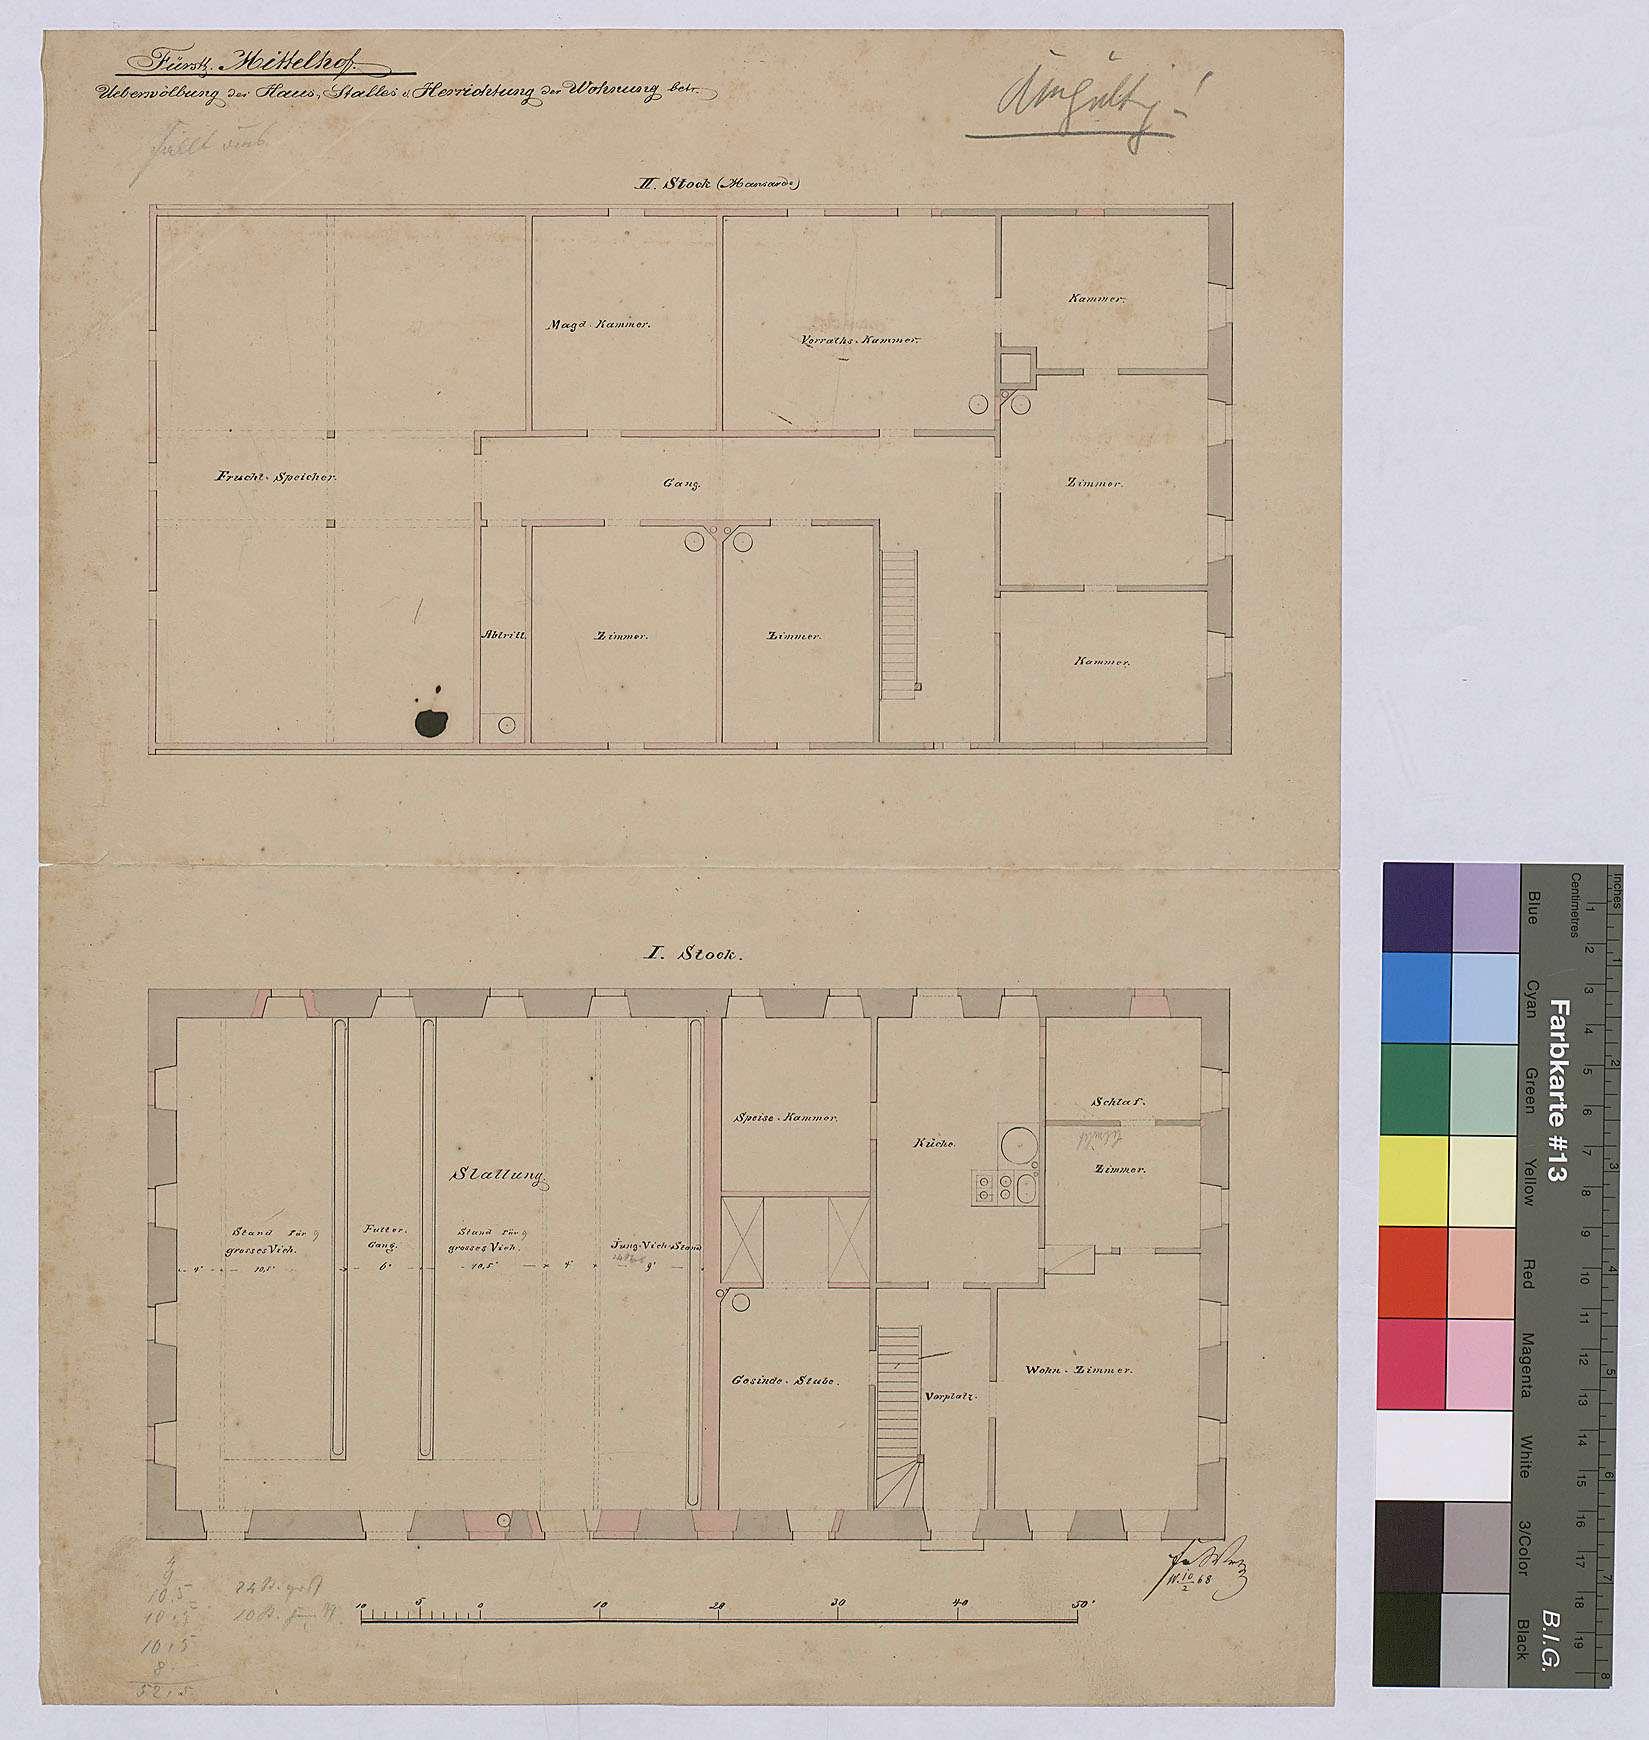 Mittelhof: Überwölbung des Hausstalles und Herrichtung der Wohnung, Bild 1